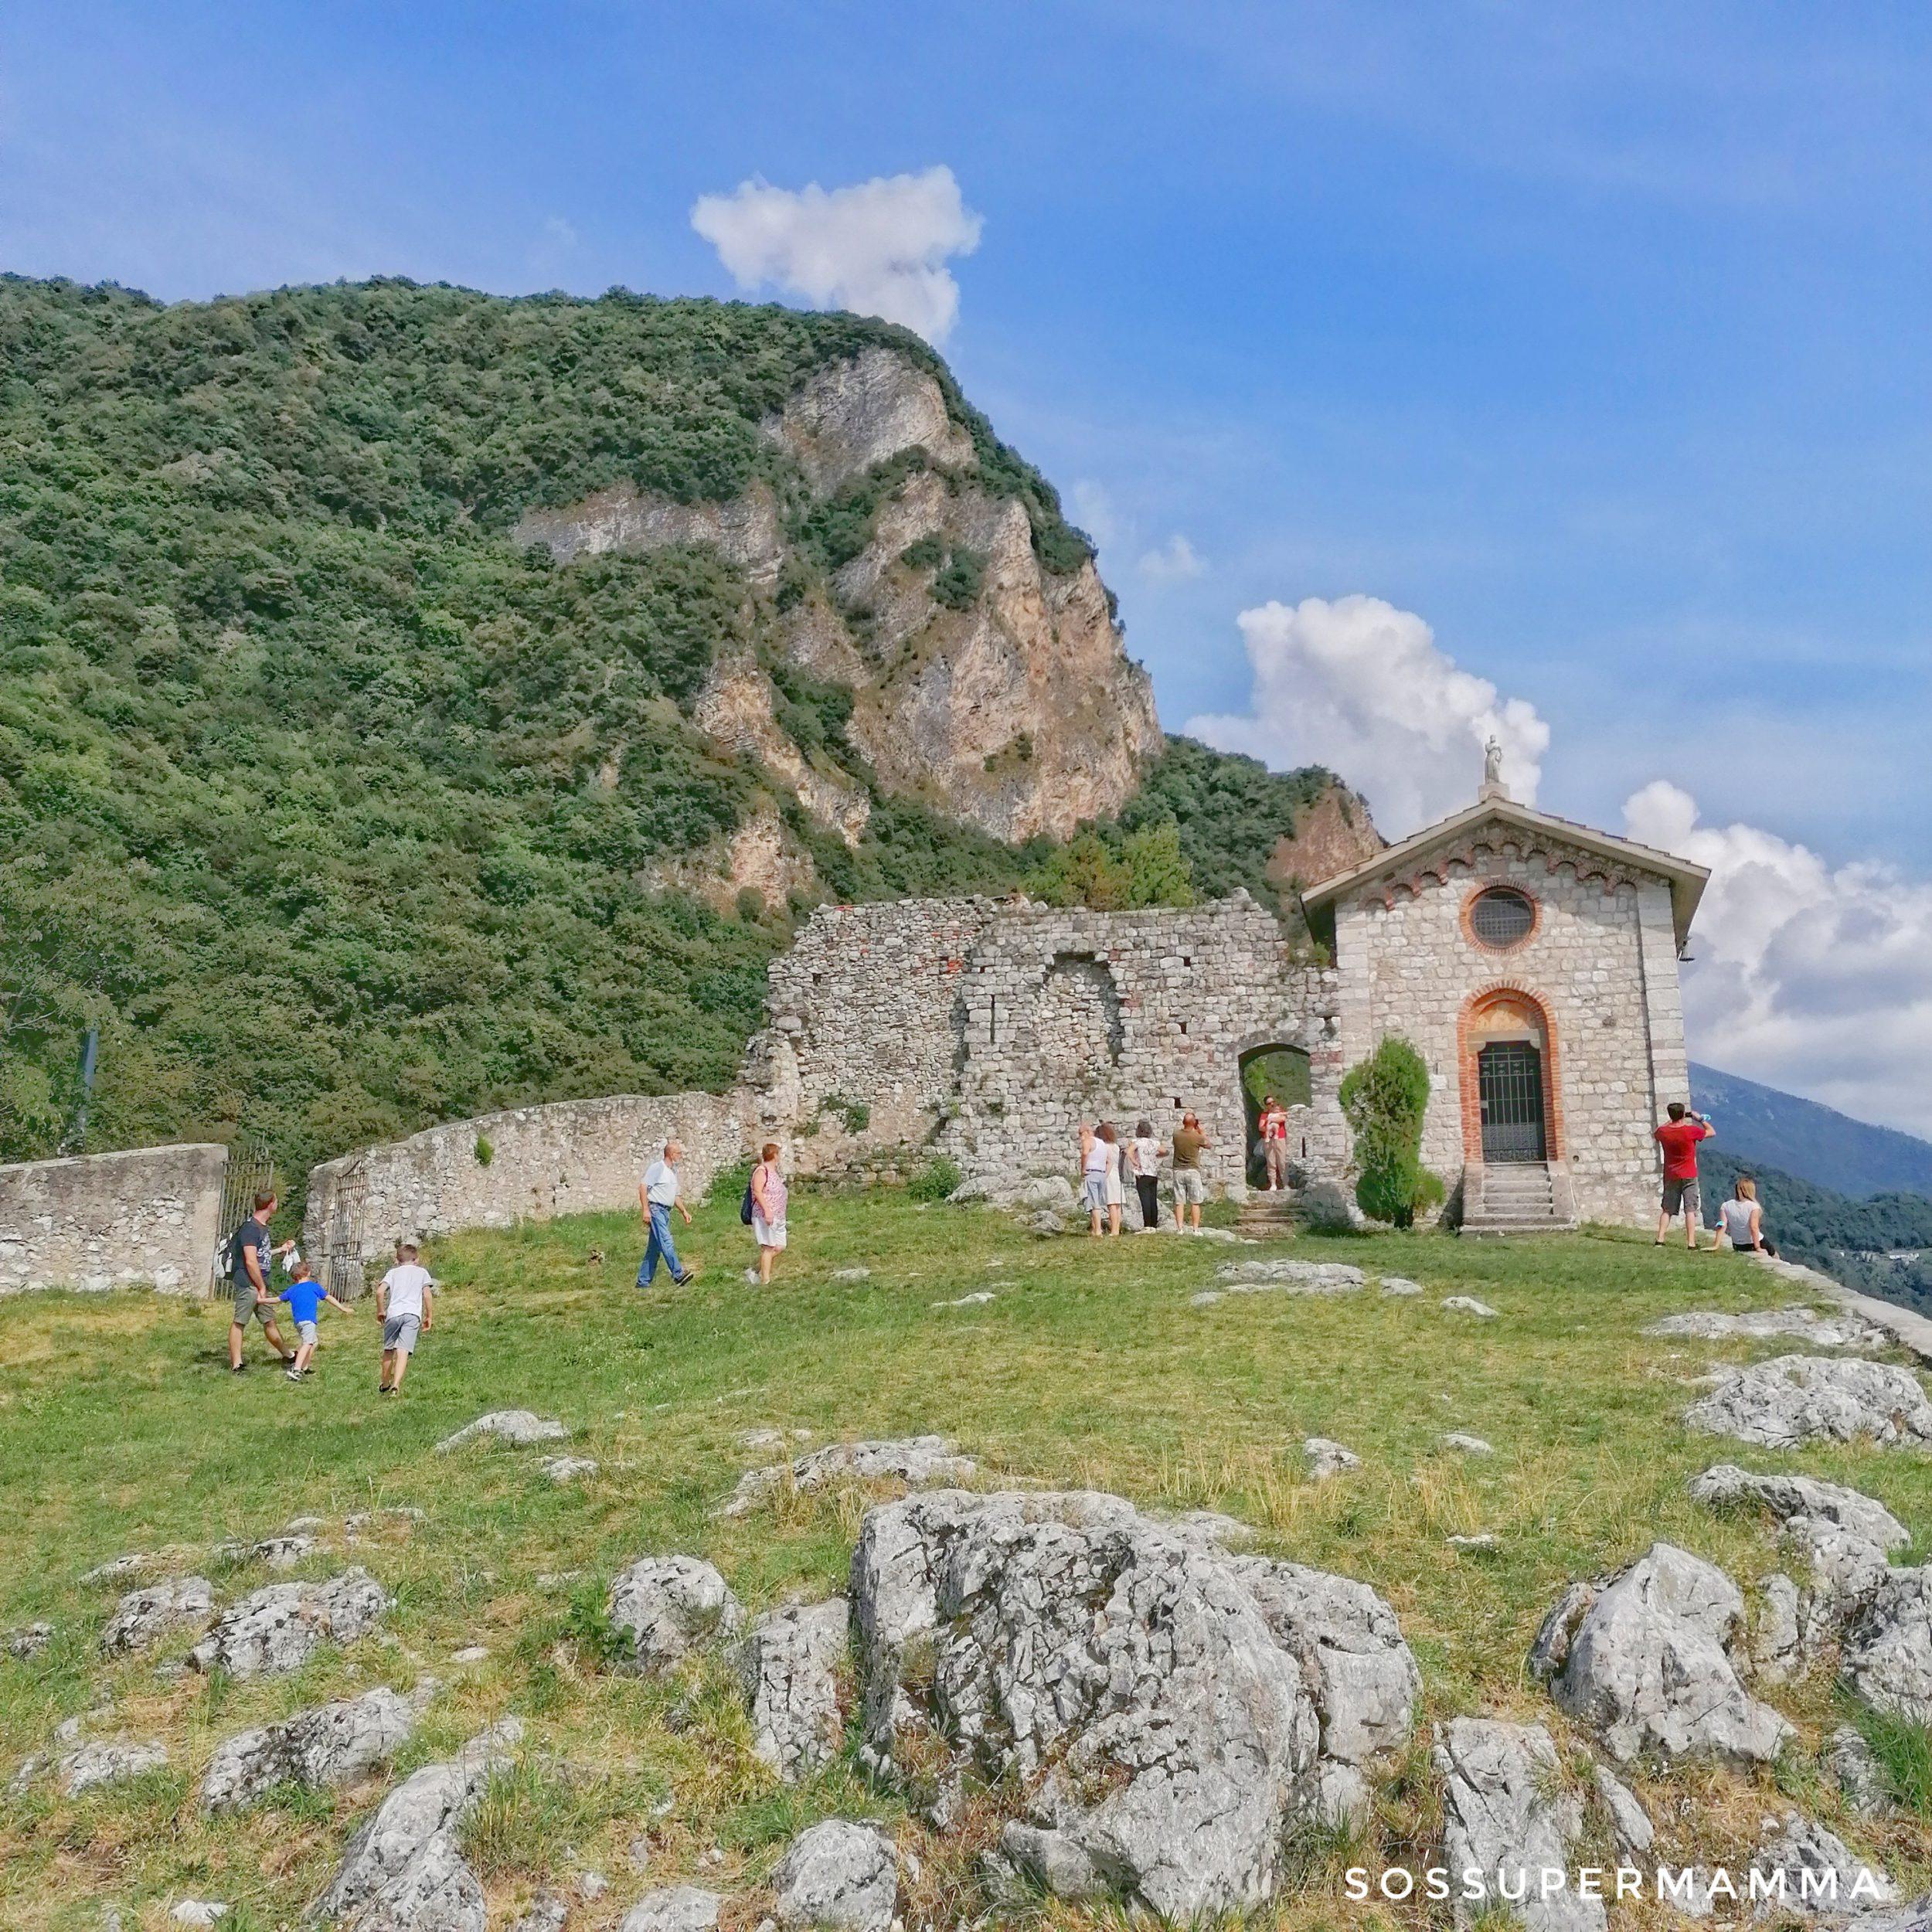 Castello dell'Innominato - Foto di Sossupermamma -